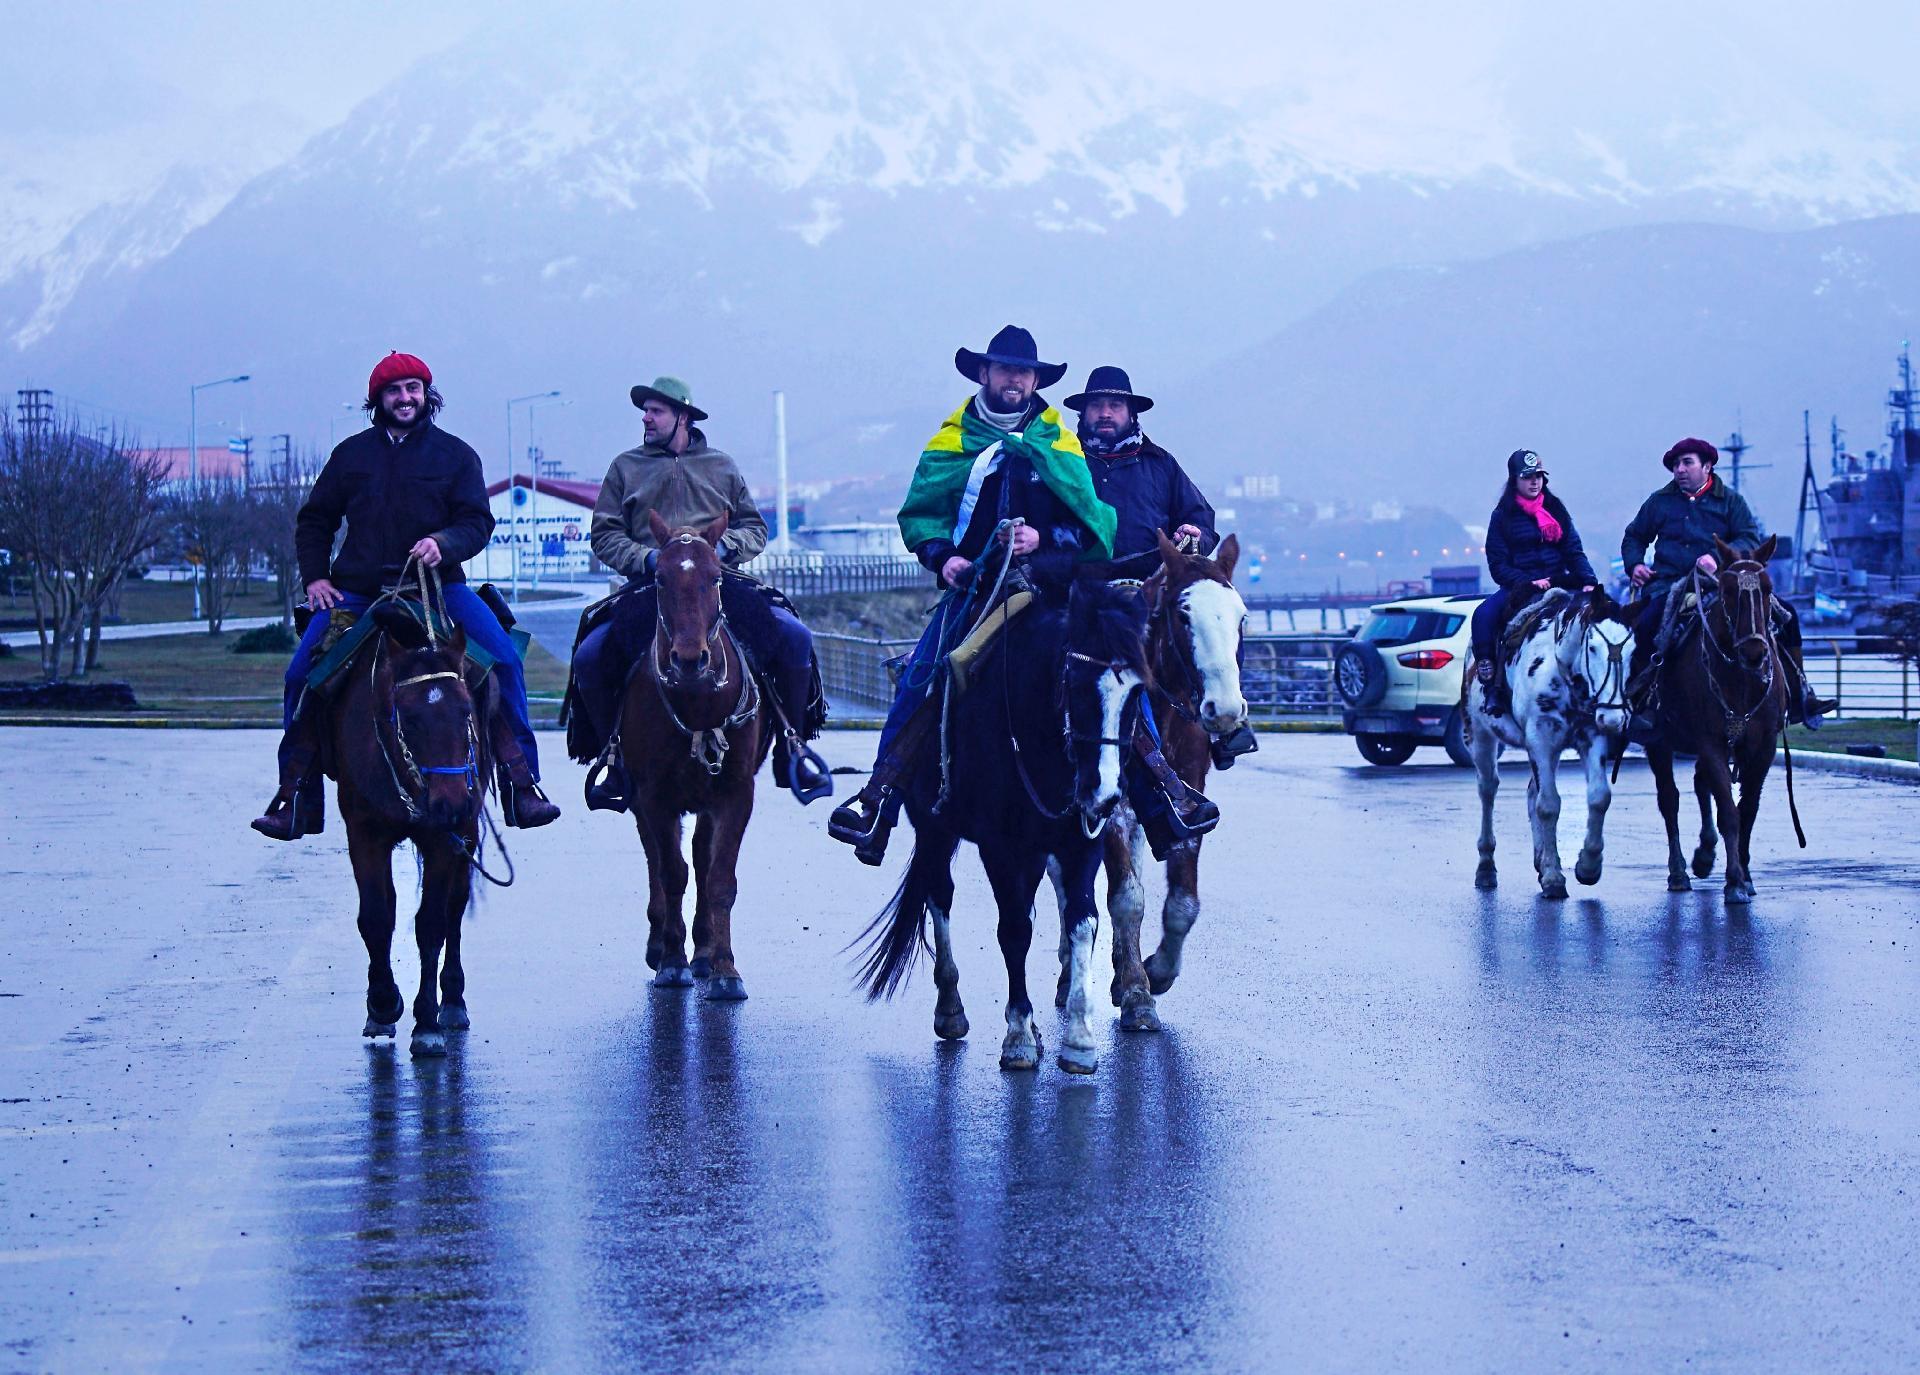 Filipe vindo para Ushuaia, no arquipélago da Terra do Fogo, Argentina - Arquivo pessoal